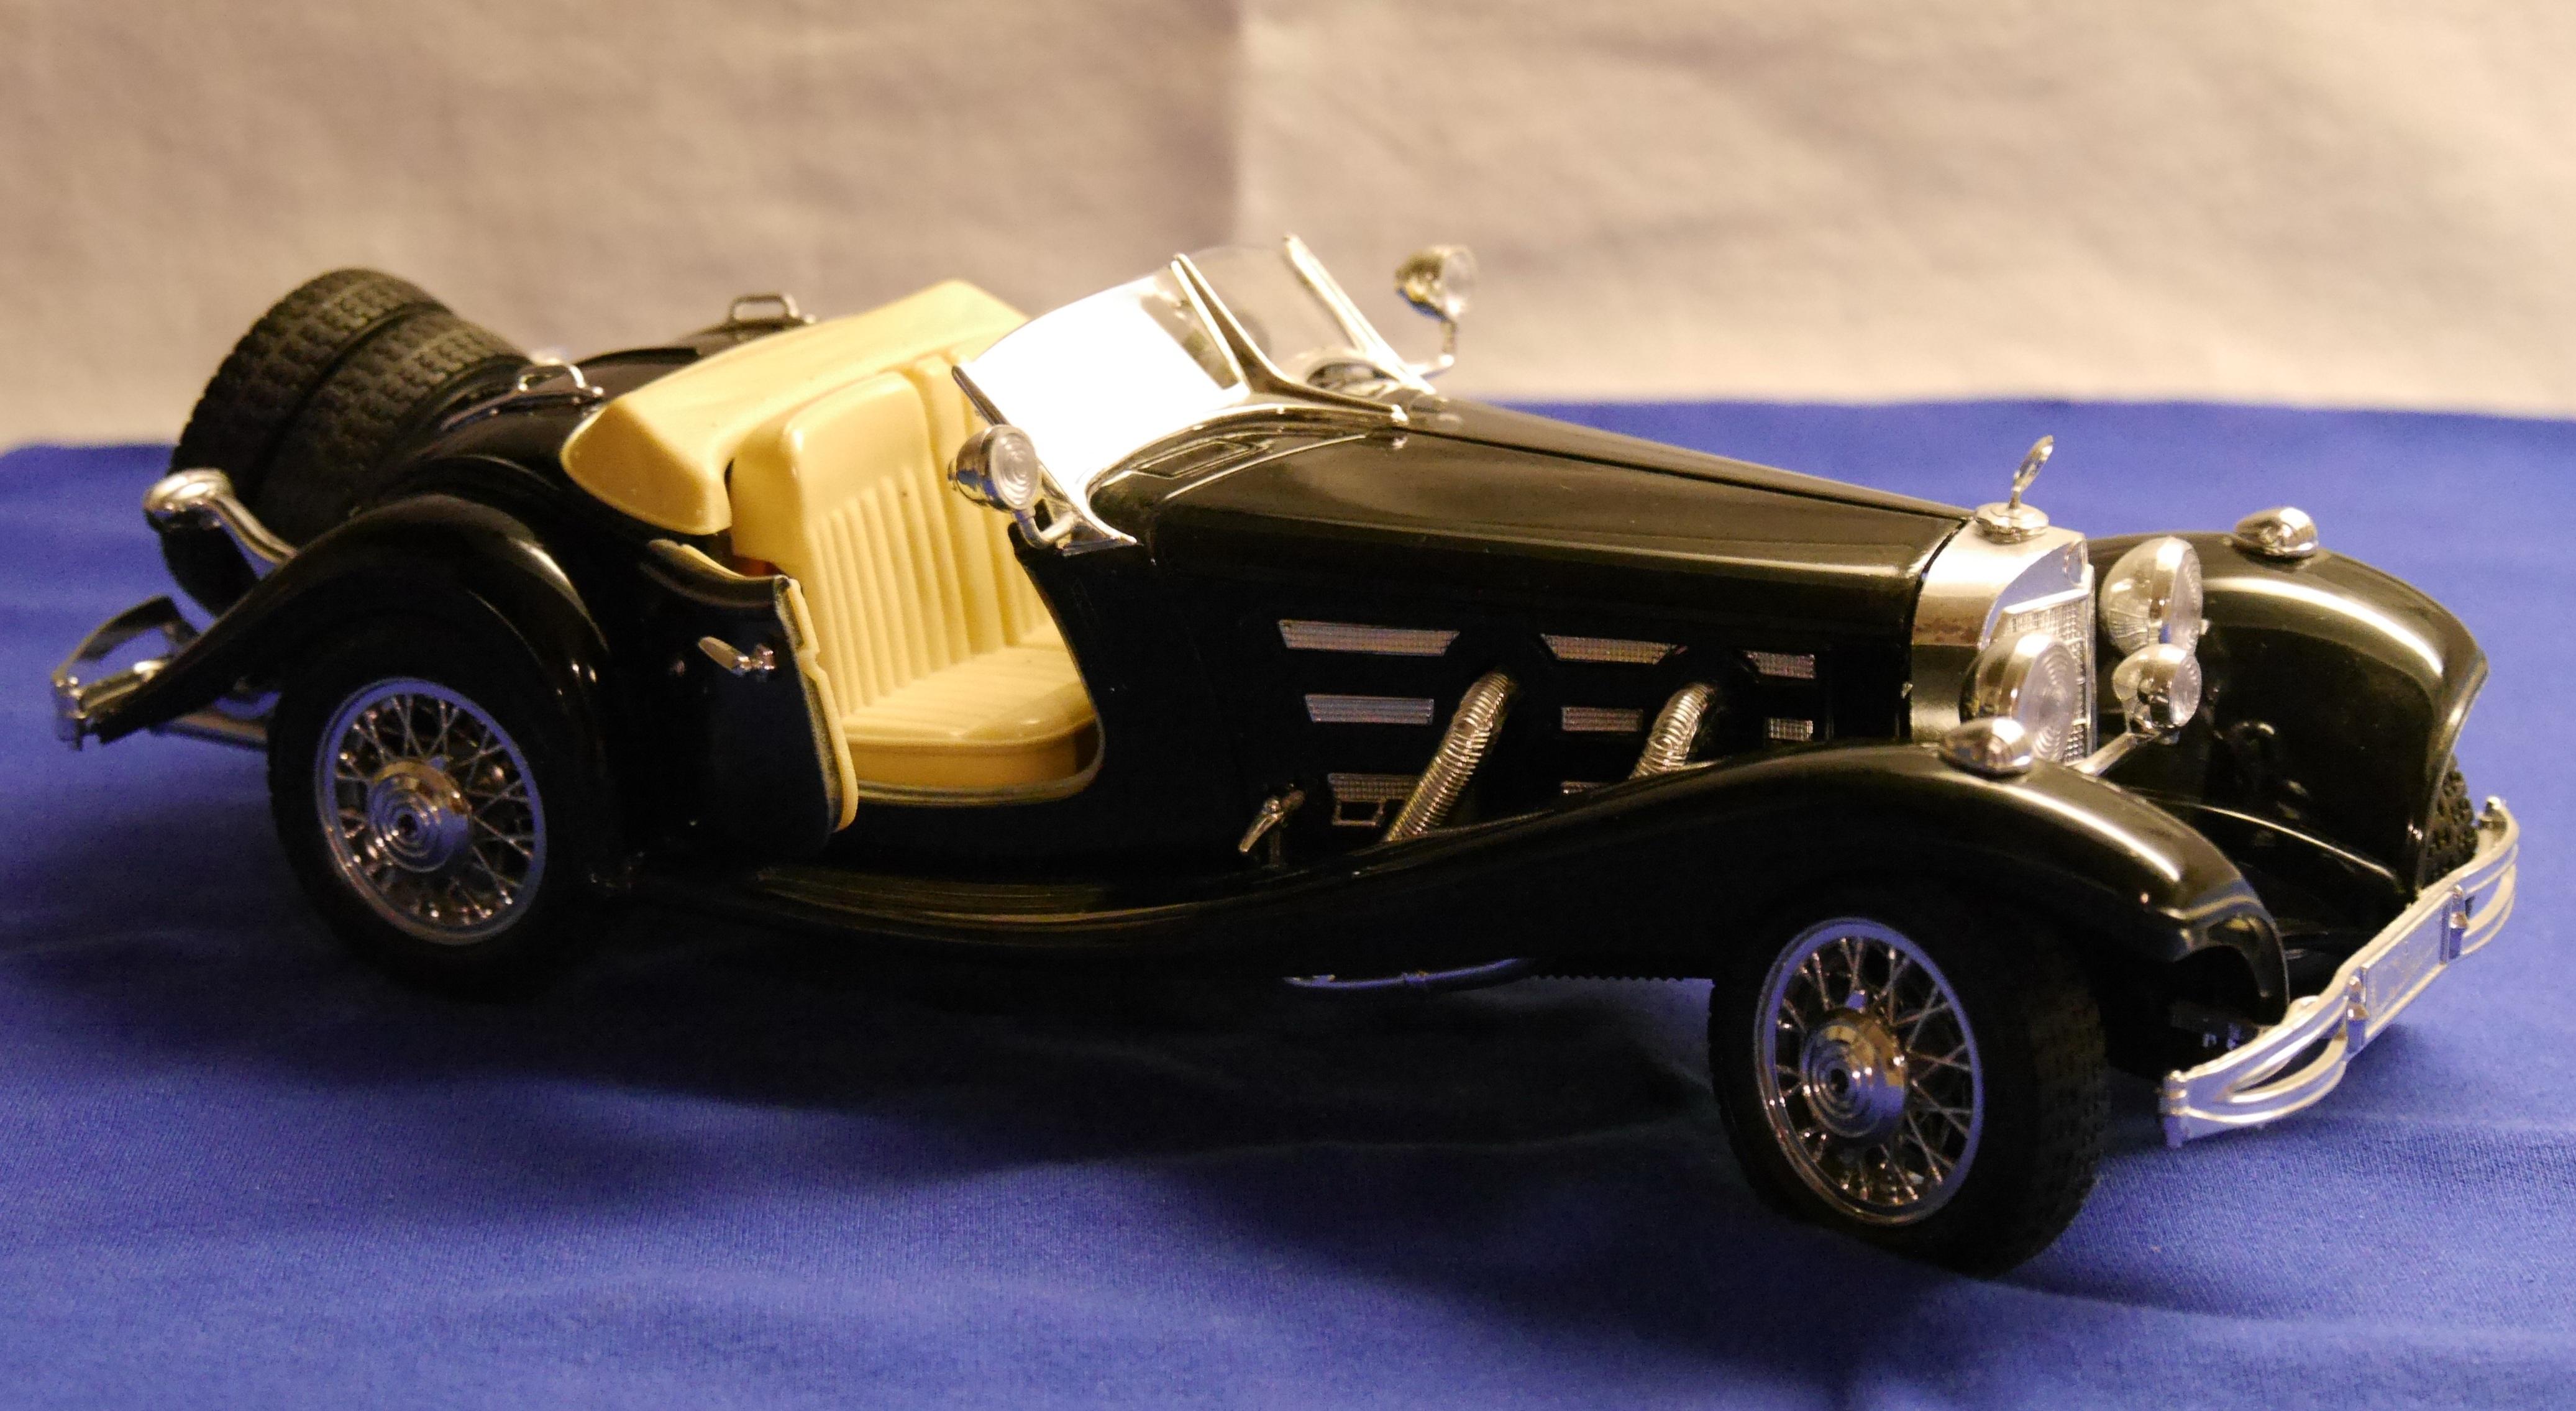 Free Images : classic car, sports car, vintage car, race car ...